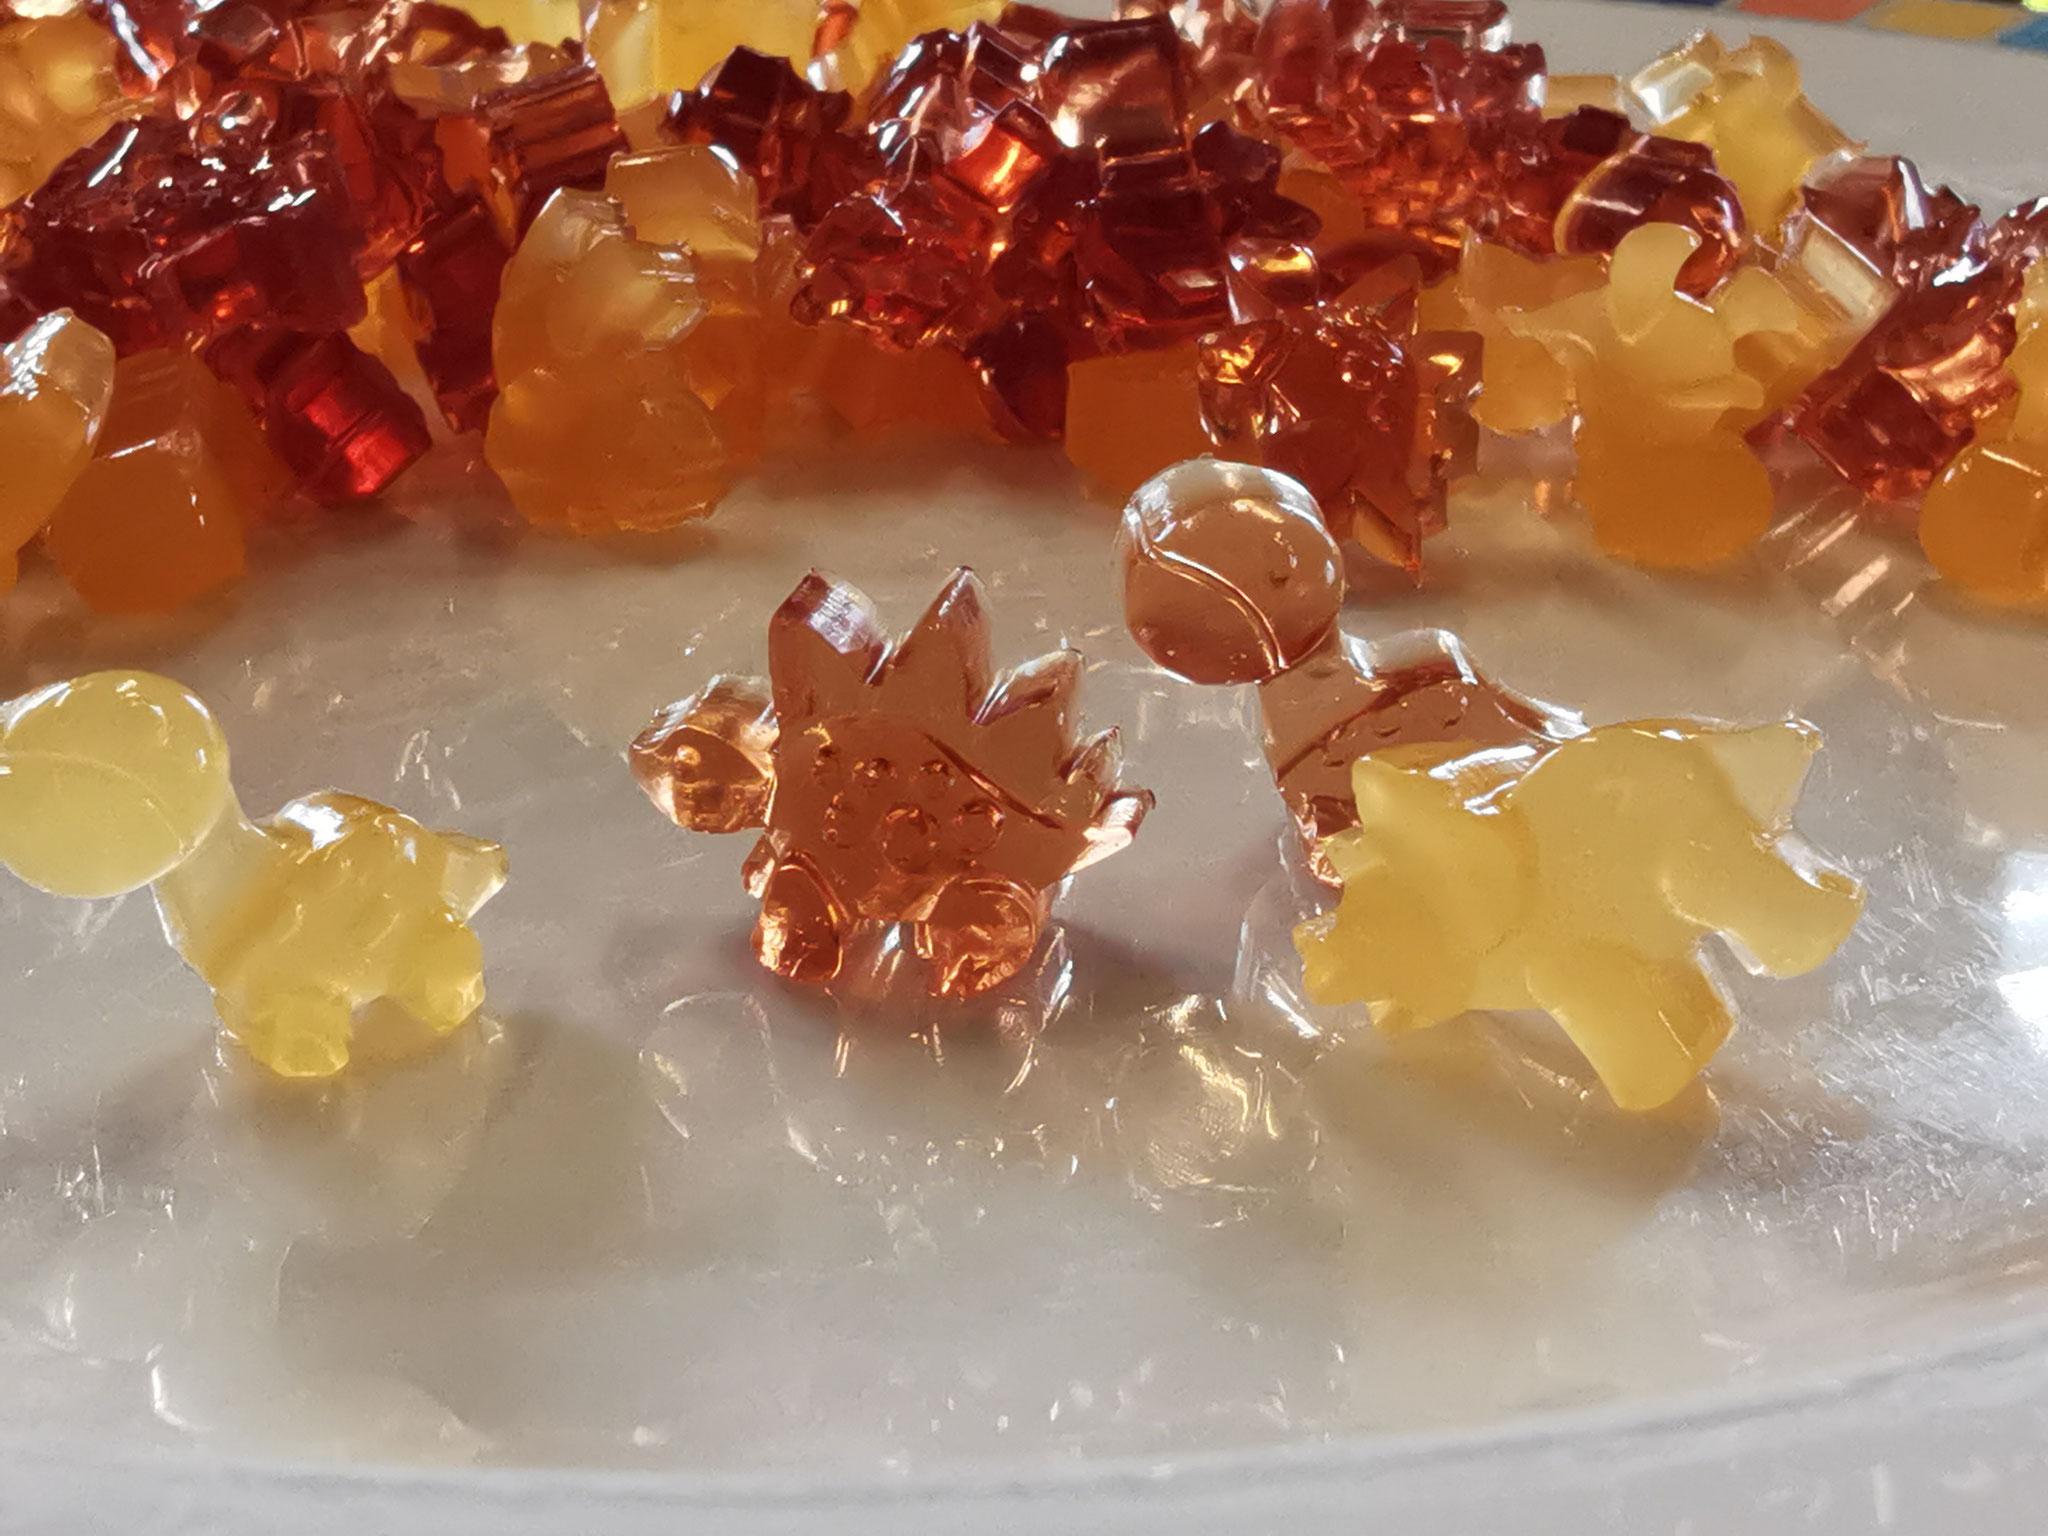 Selbstgemachte, zuckerfreie Gummibärchen (ich arbeite noch am besseren Rezept)